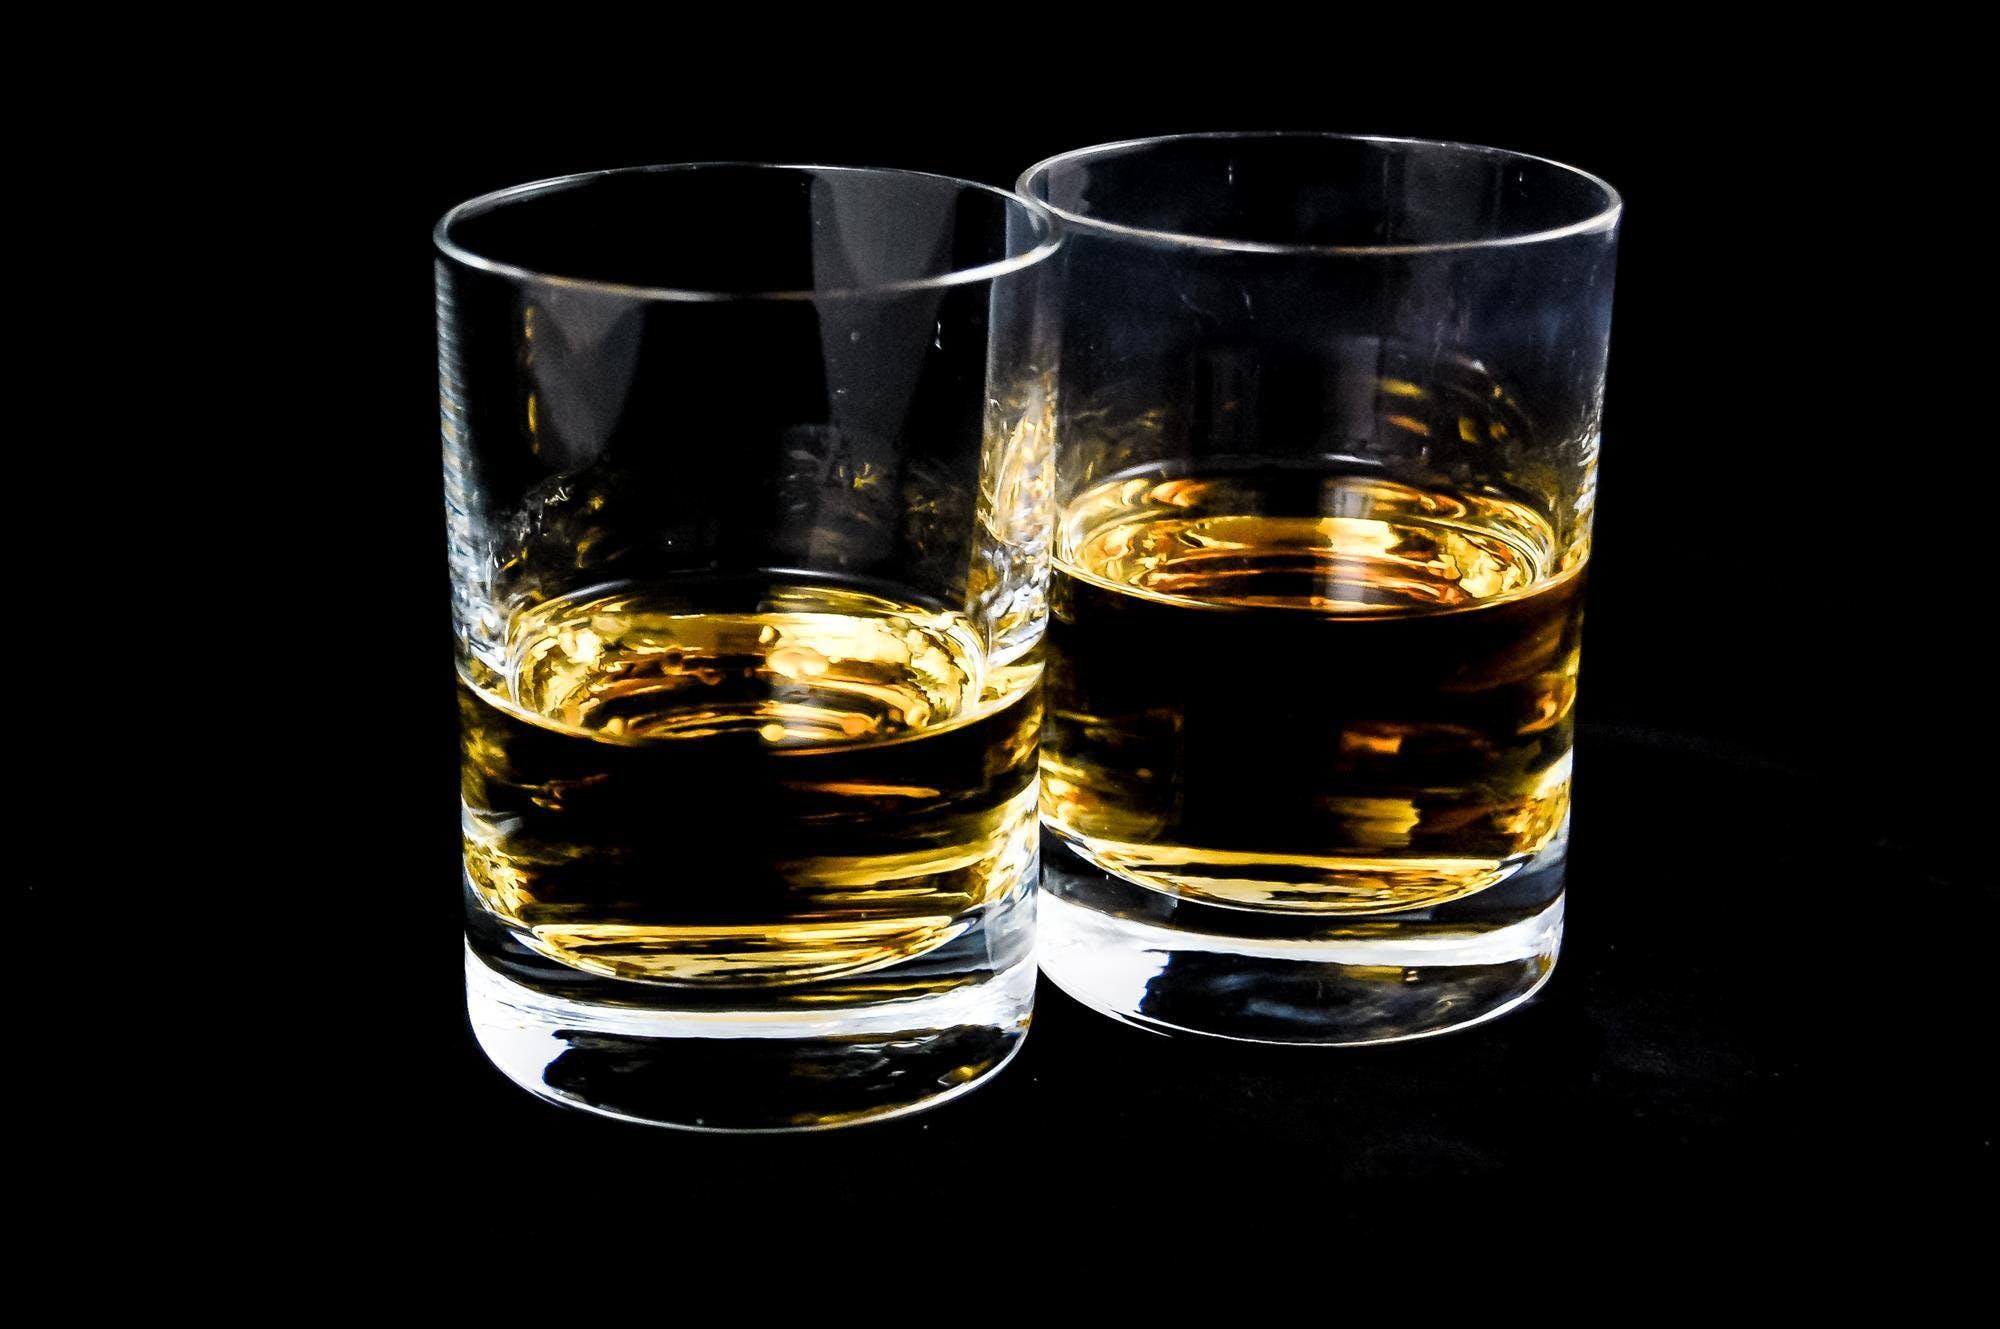 alkohol, brandy, cognac